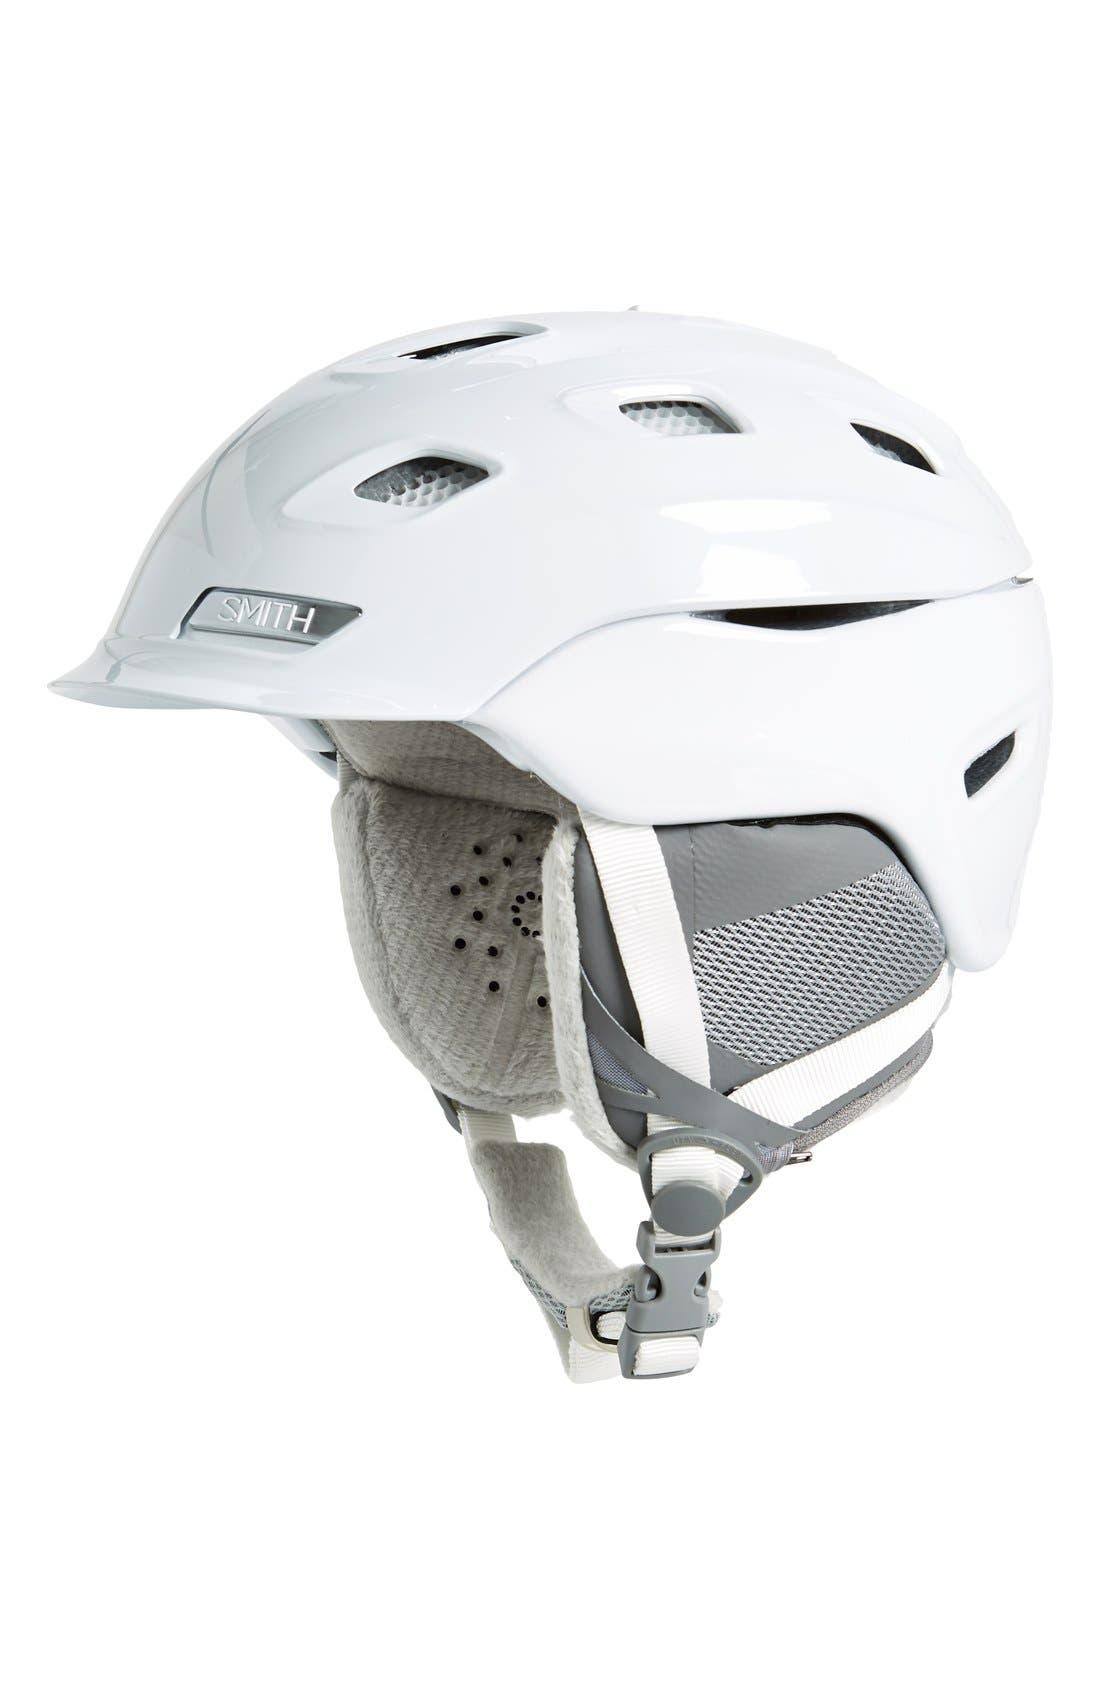 Smith 'Vantage' Snow Helmet (Women)